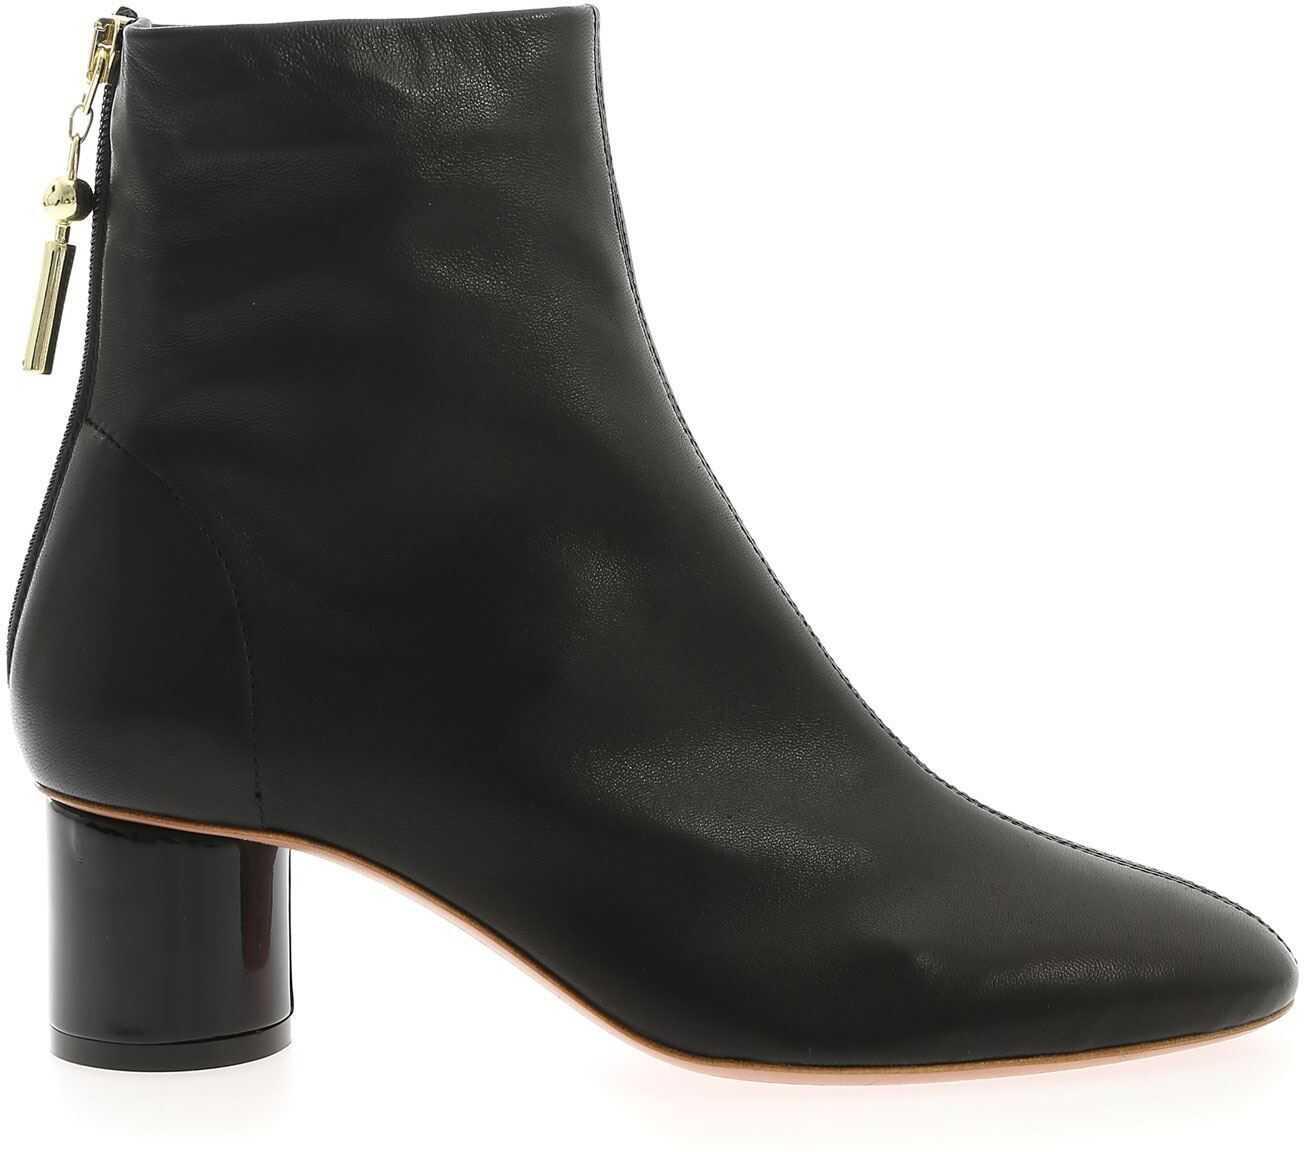 Anna Baiguera Annalia Ankle Boots In Black Black